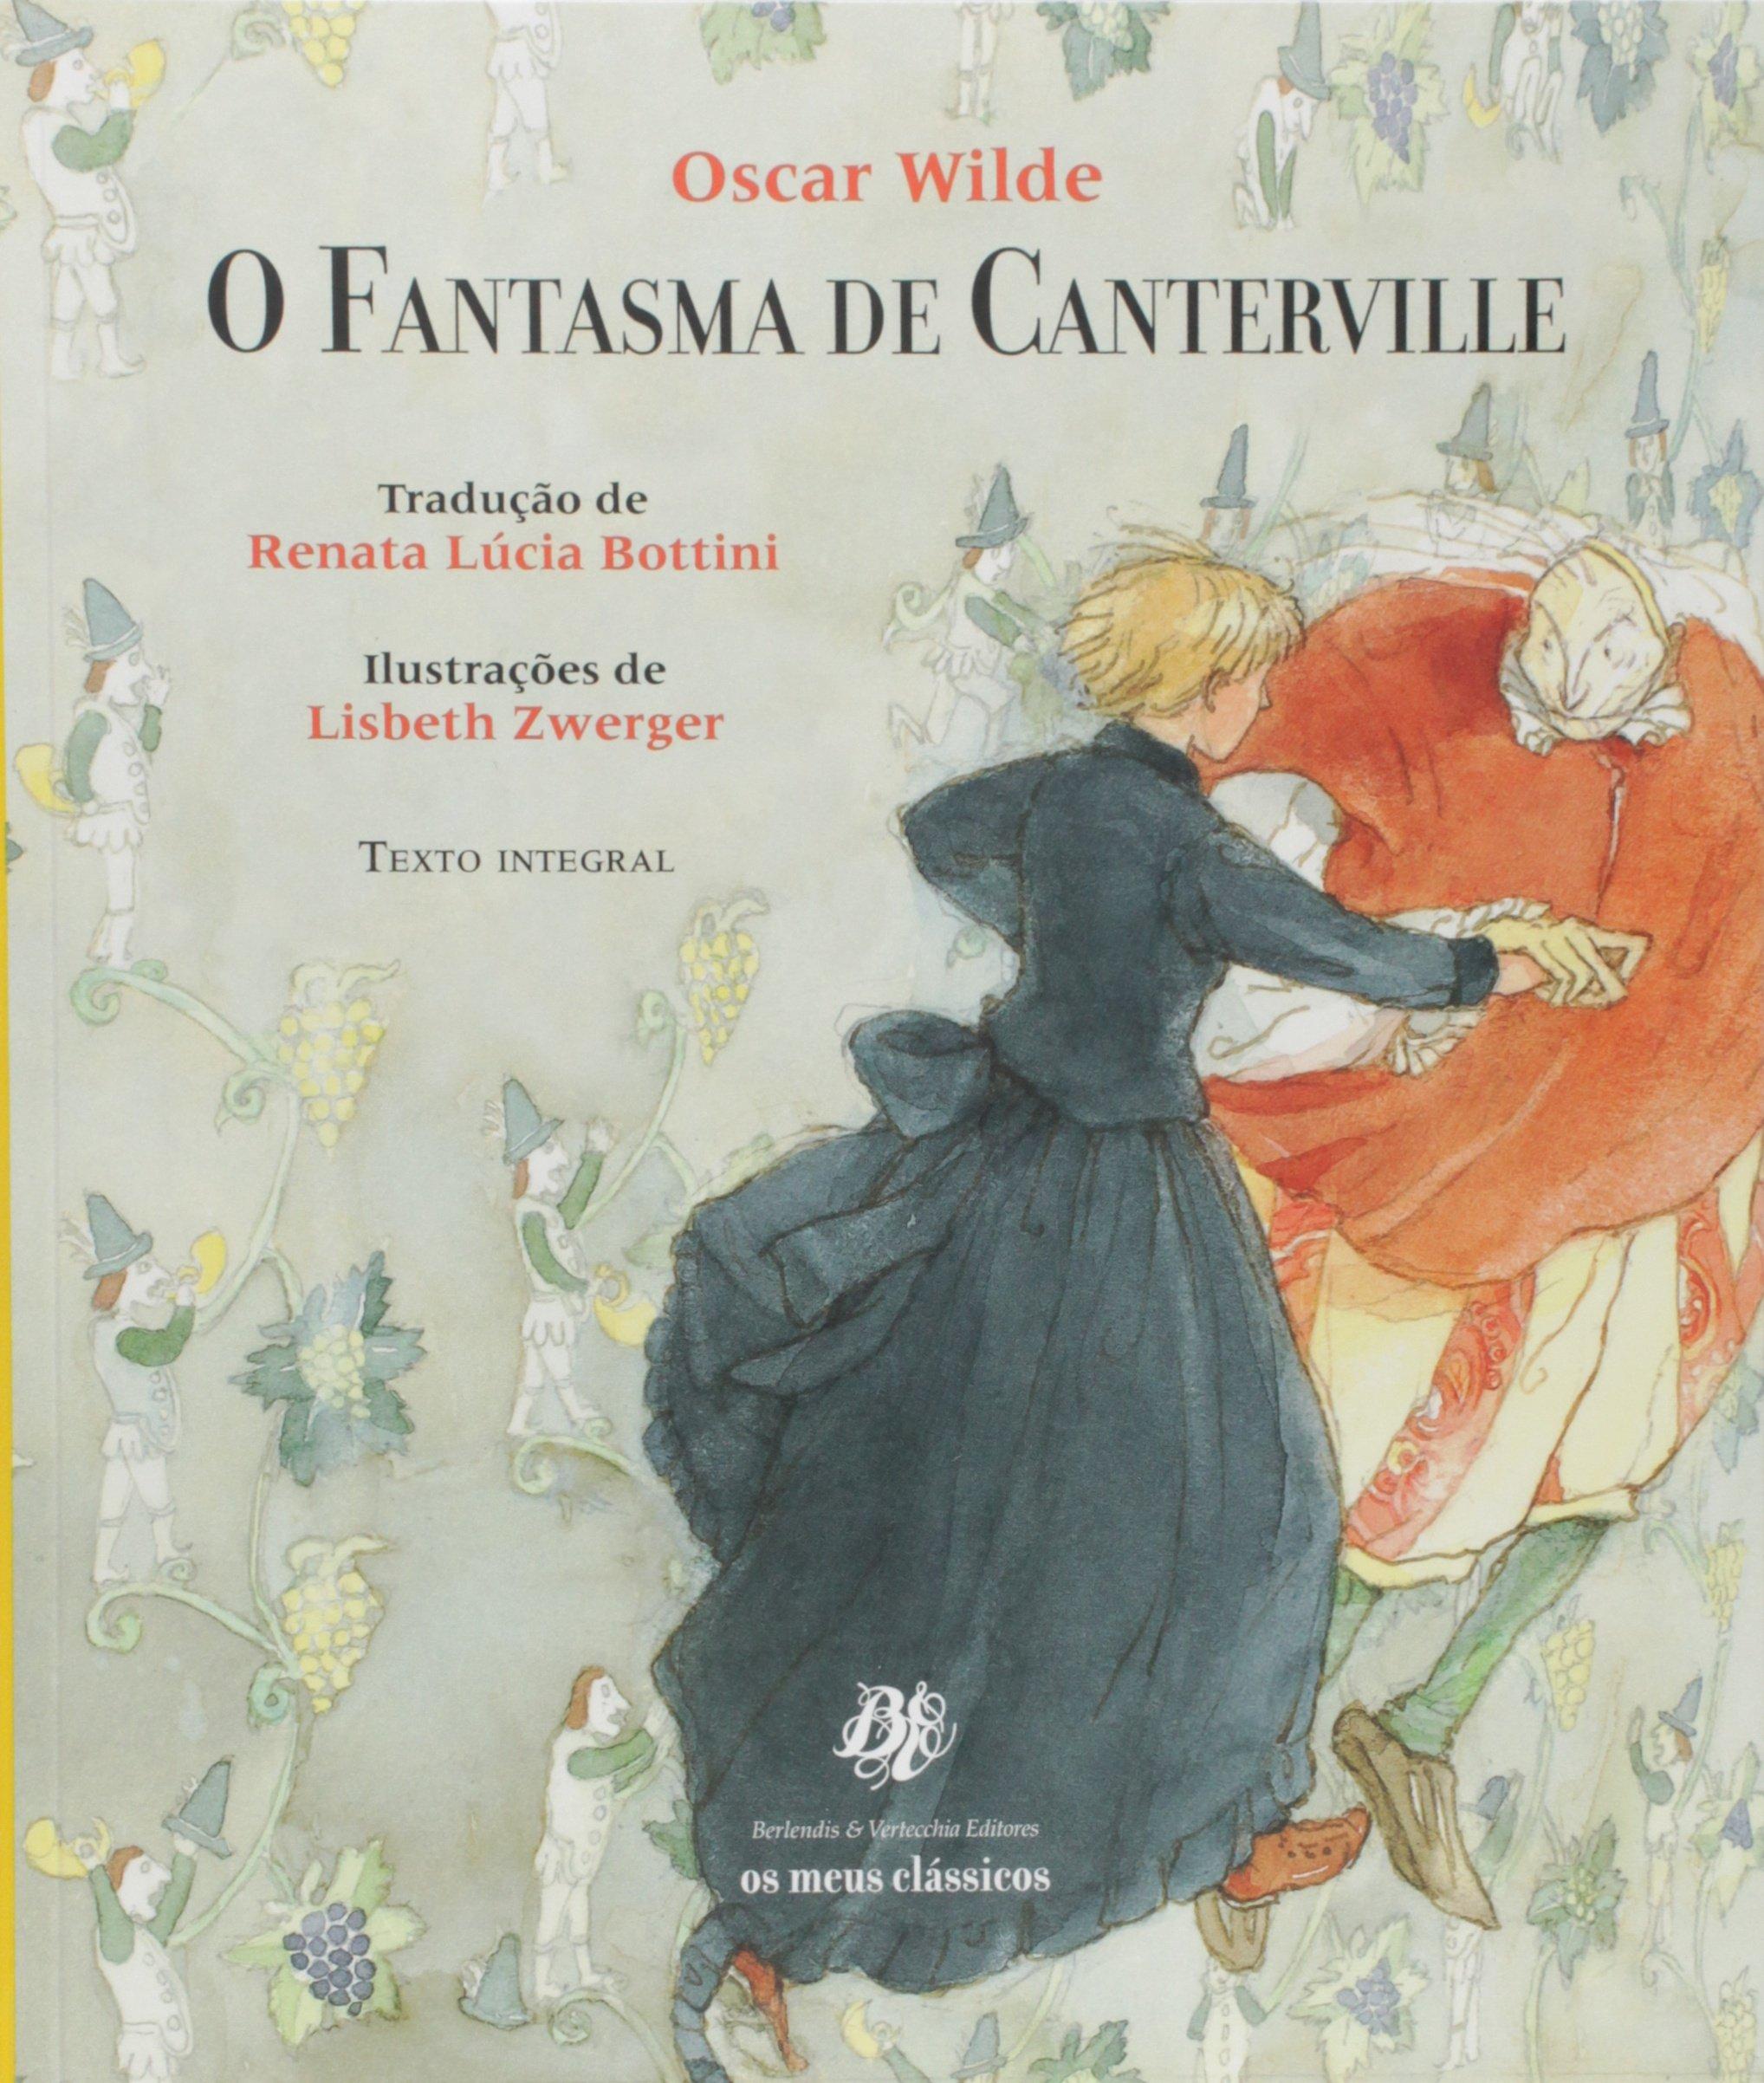 Fantasma de Canterville, O, livro de Oscar Wilde